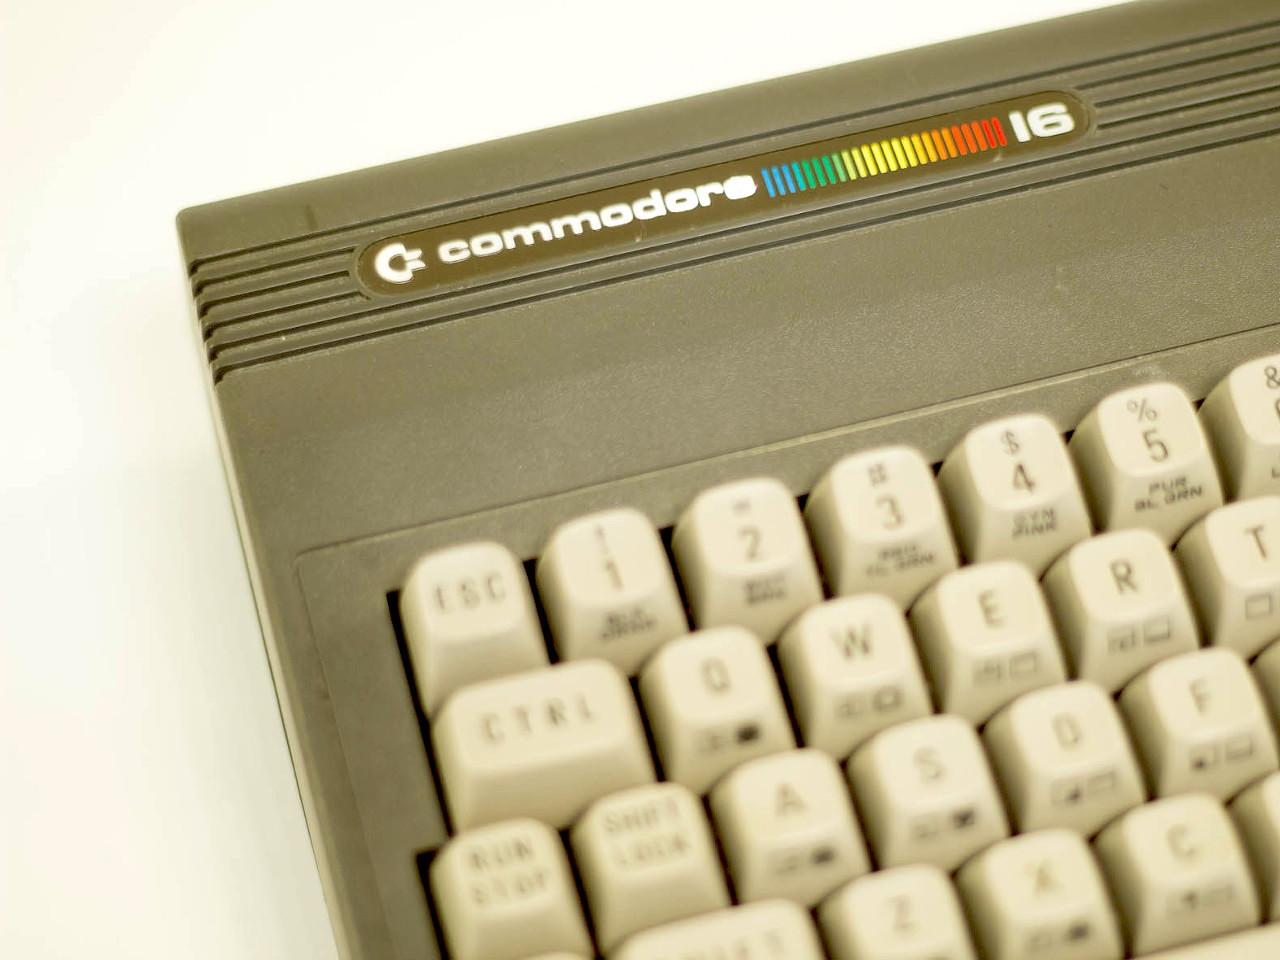 Das Gehäuse des C16 war deutlich dunkler als das des C64. (Bild: Claudio Lione)